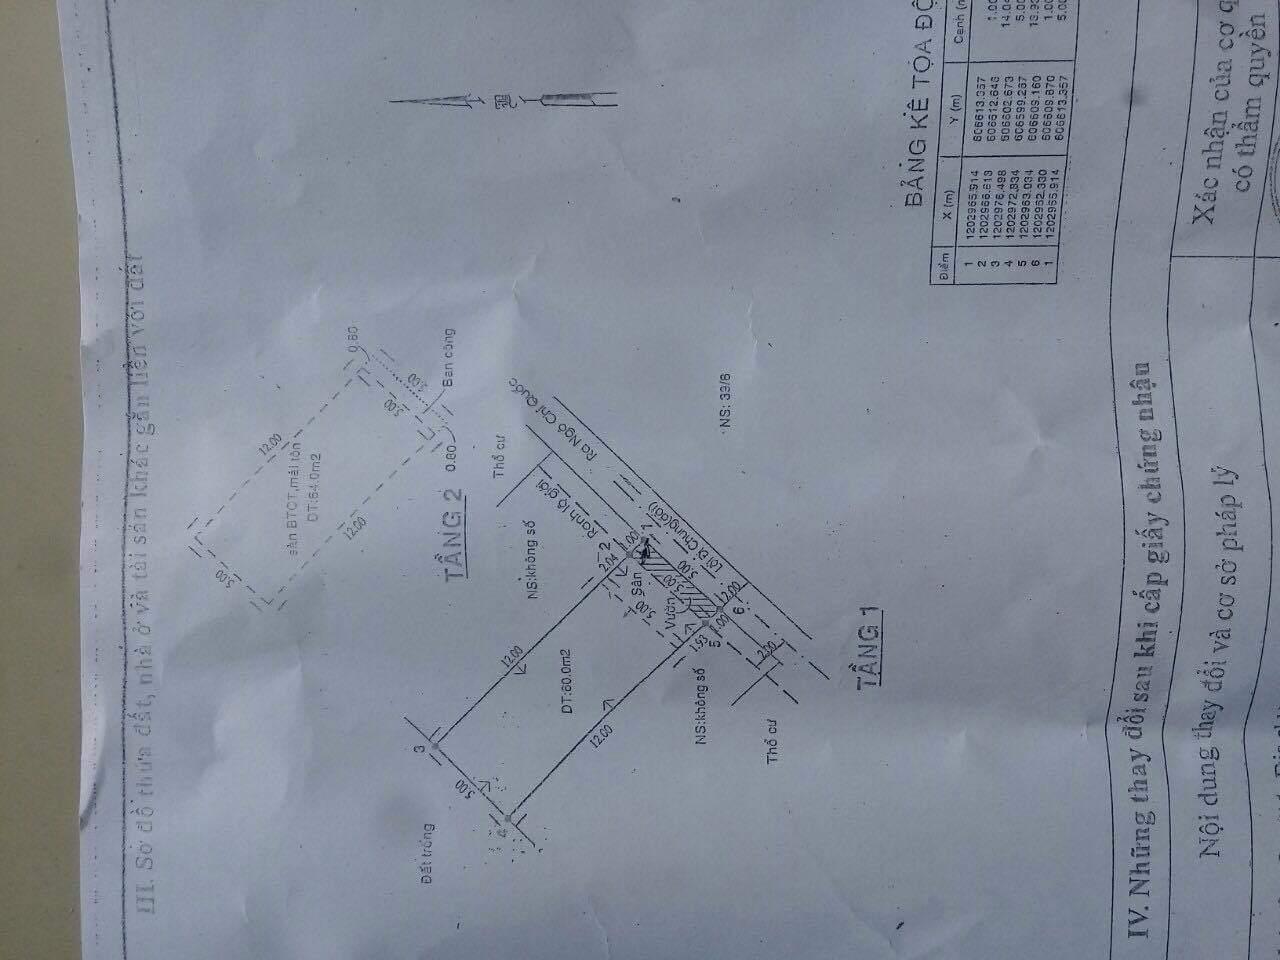 Bán nhà đường Lê Chí Quốc Quận Thủ Đức, 1 trệt 1 lầu, Giá bán 2,8 Tỷ Thương Lượng nhẹ.8